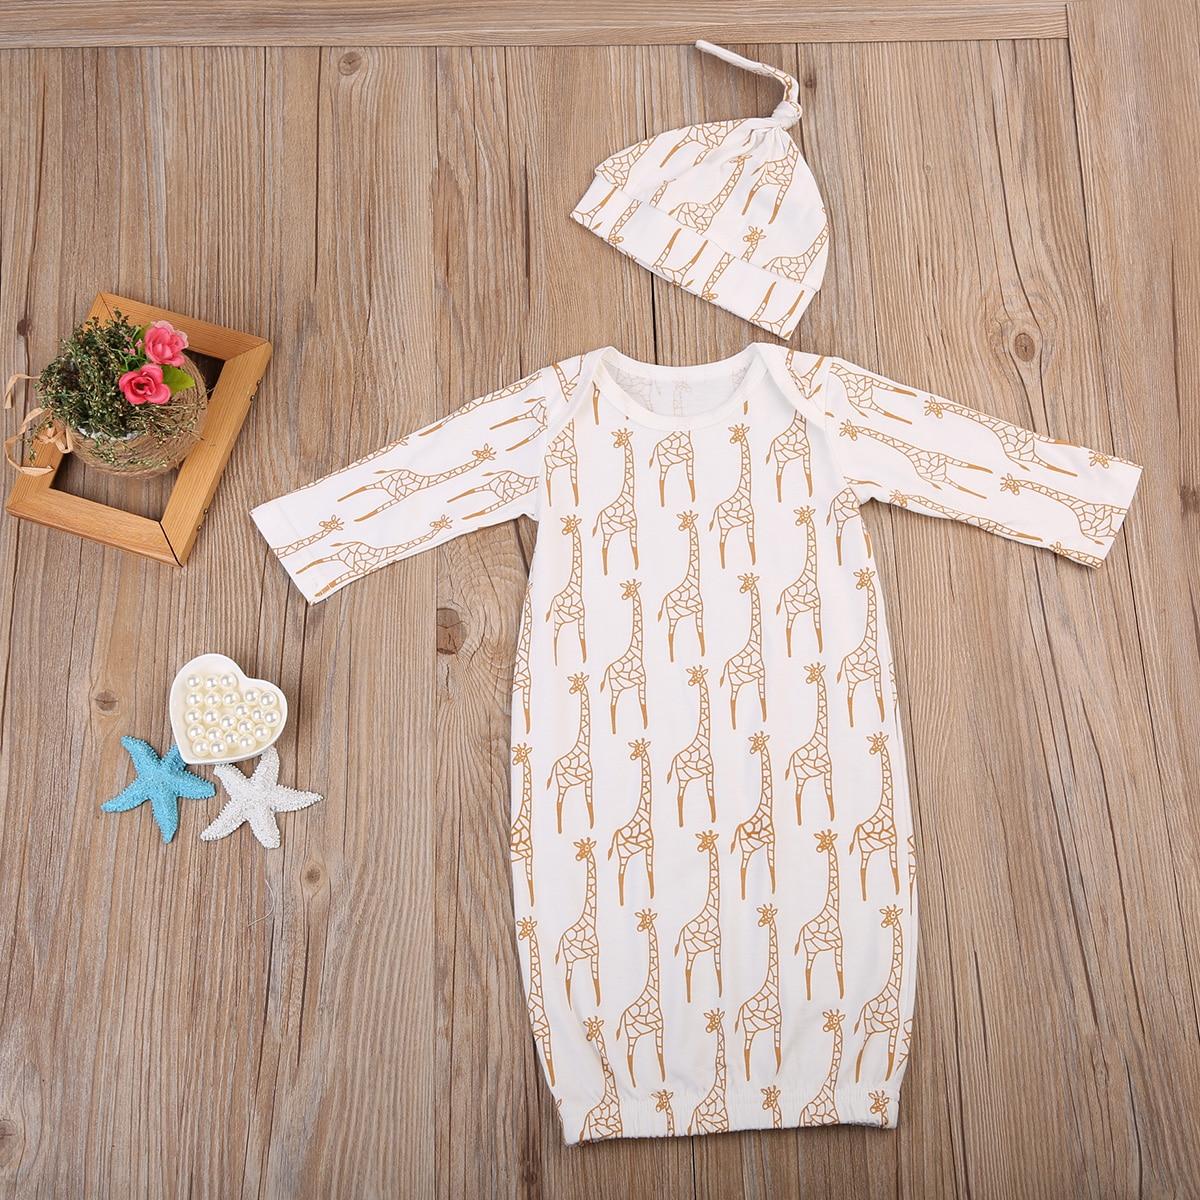 Super Cute Babies Deer Clothing Newborn Baby Girl Boys Long Sleeve Romper Sleeping Bag Pajamas Clothes